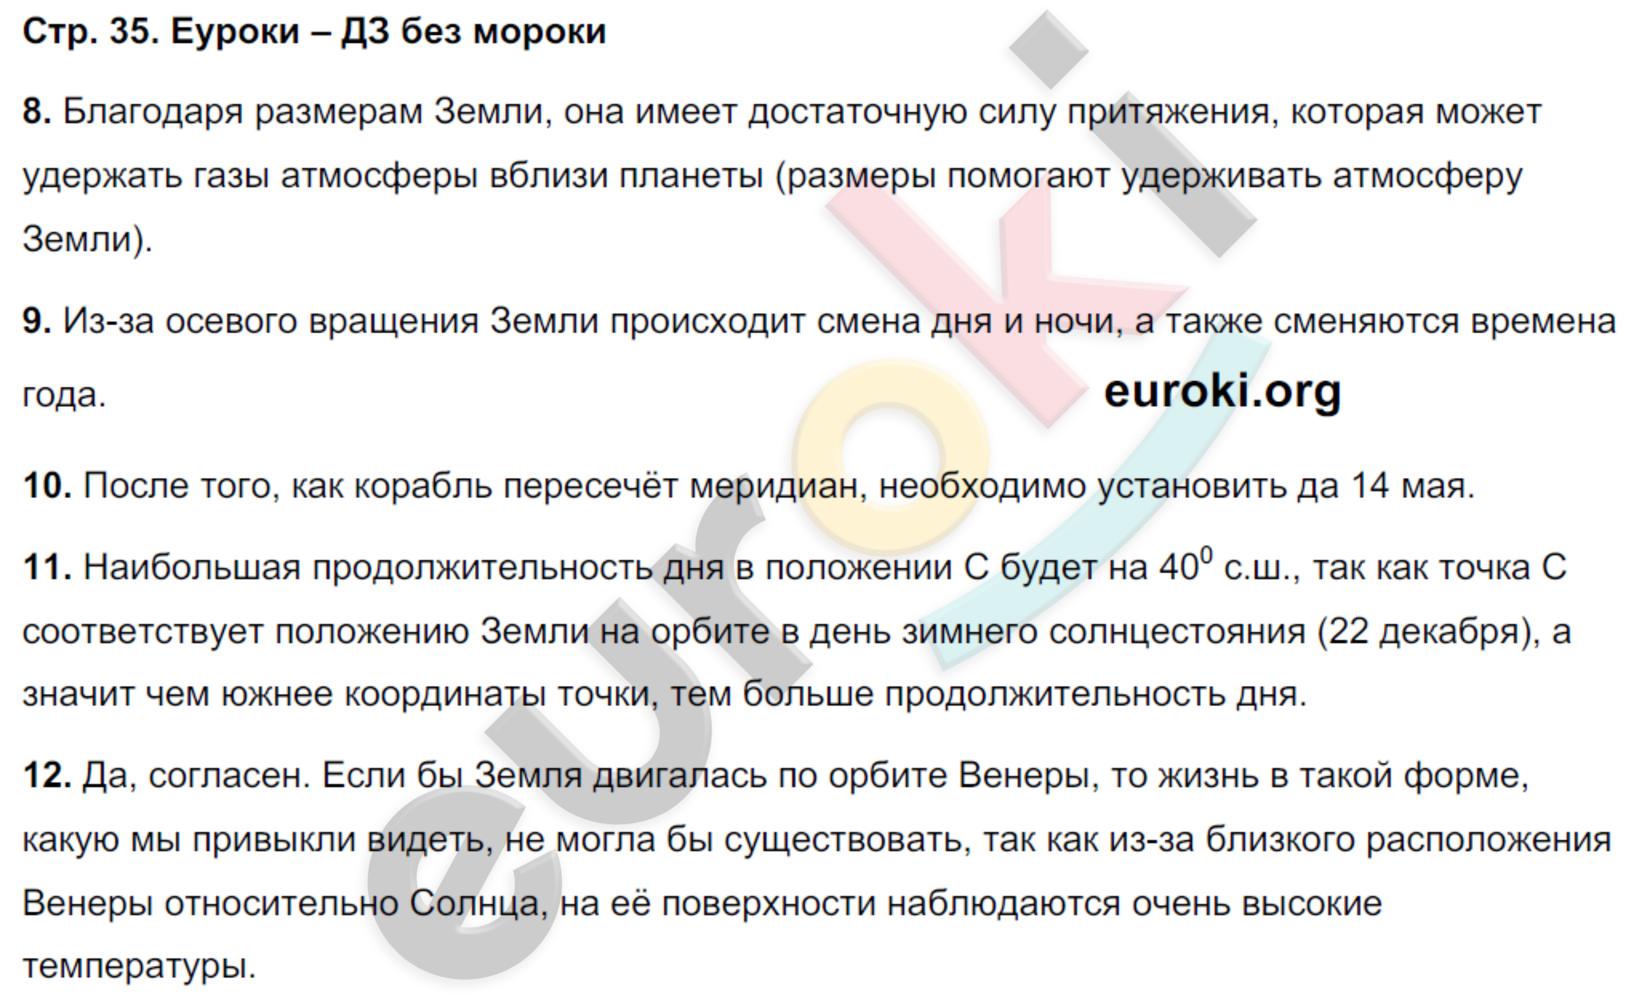 ГДЗ по географии 5 класс тетрадь экзаменатор Барабанов. Задание: стр. 35